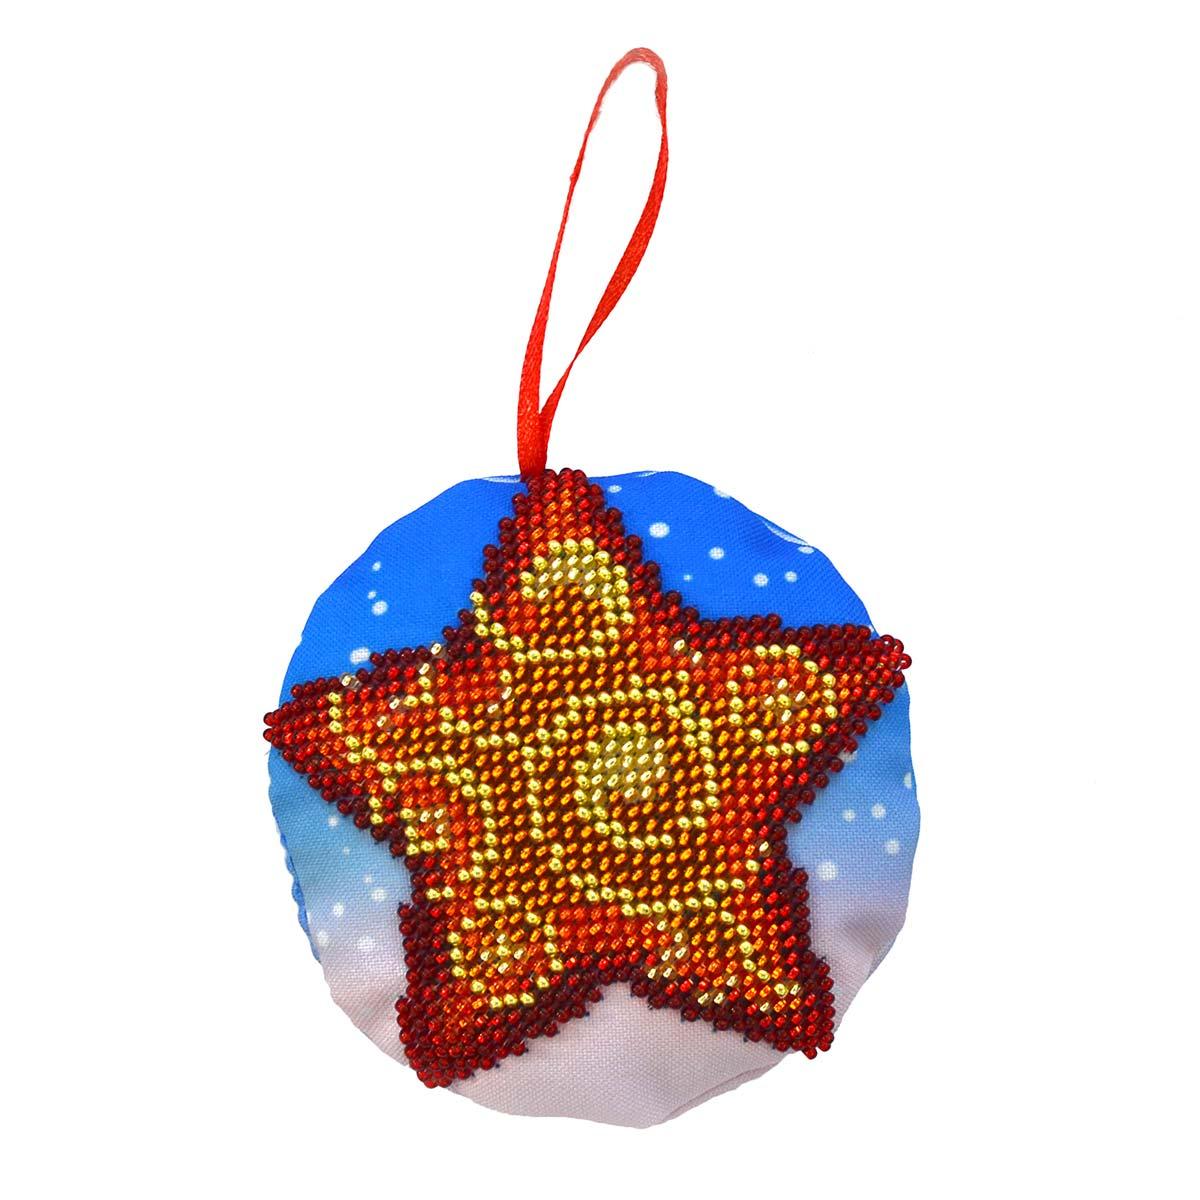 БИ-102 Набор для вышивания бисером'Созвездие'. Новогодняя игрушка 'Звёздочка'8,5*8,5см